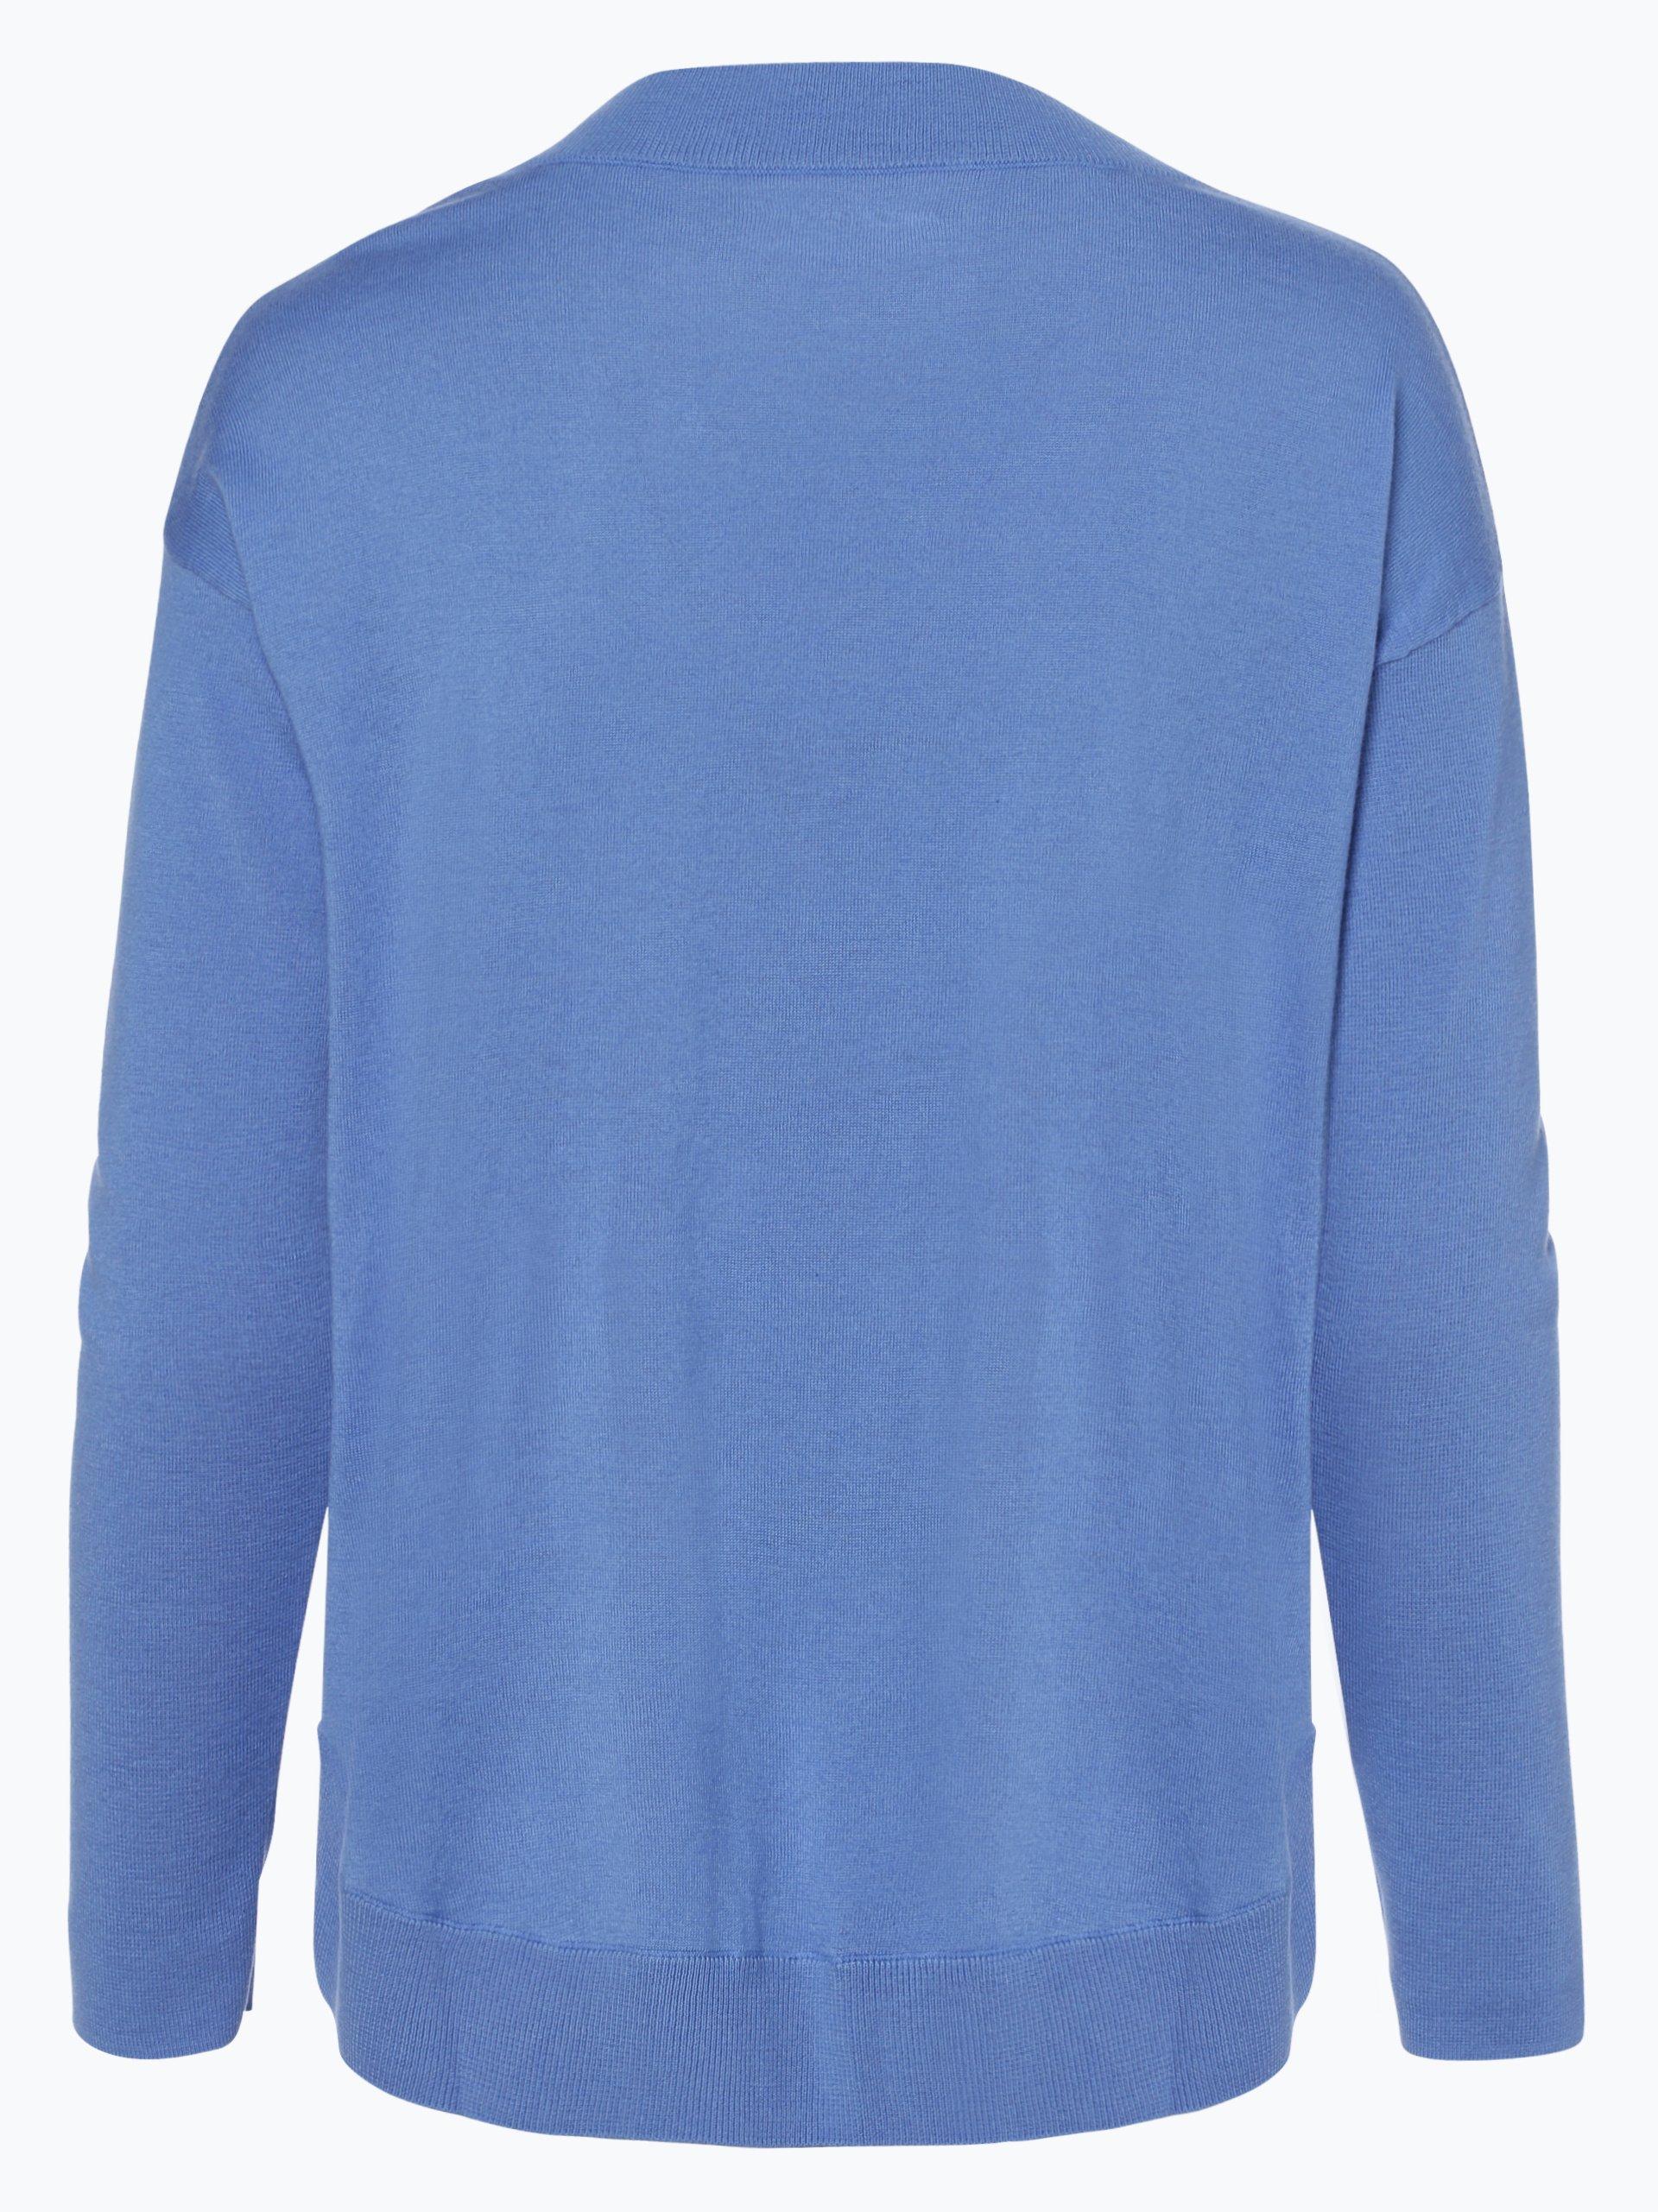 marc cain sports damen pullover mit cashmere anteil blau uni online kaufen peek und cloppenburg de. Black Bedroom Furniture Sets. Home Design Ideas